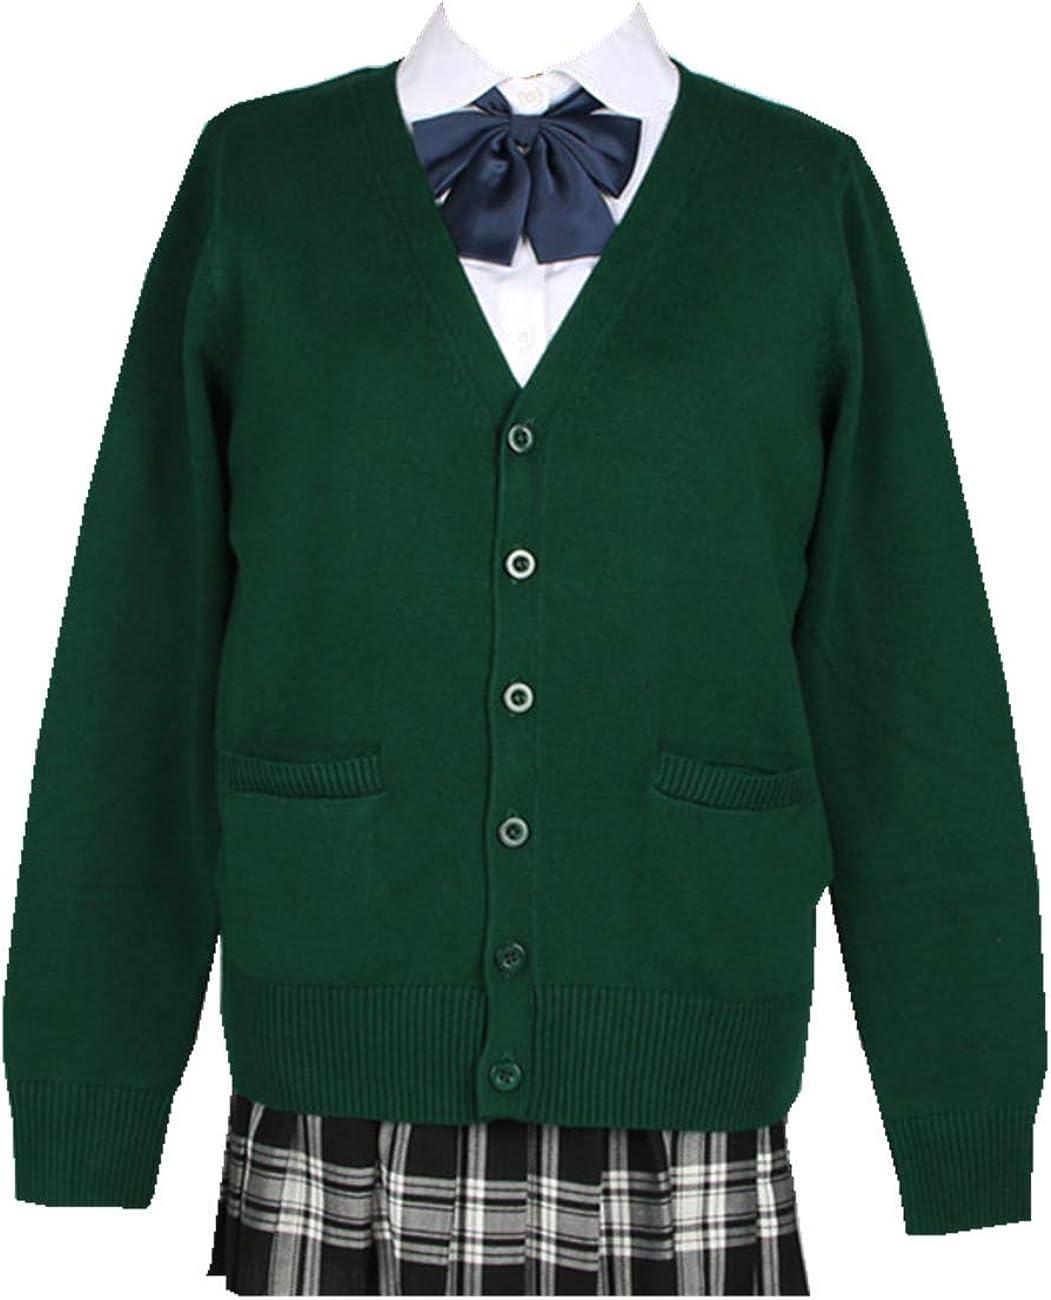 SERAPHY Femmes Cardigan Uniforme Scolaire Chandail D/école Chaud Cardigan Couleur Unie Cardigan Tricot V/êtement Japonais Cosplay Costume